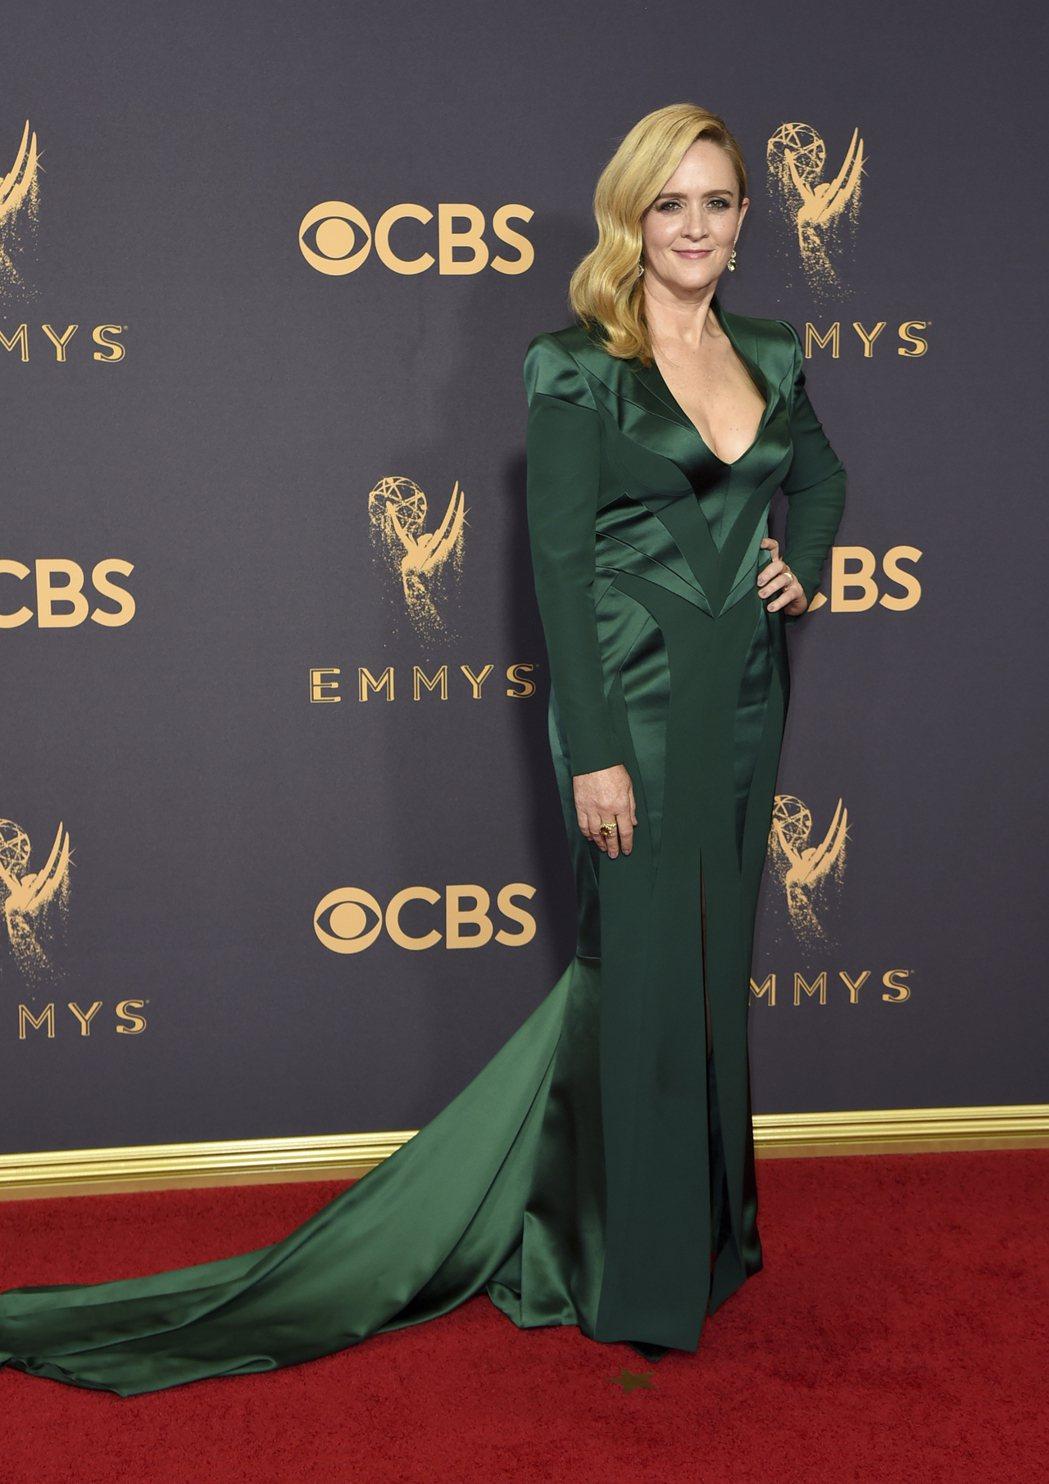 薩曼莎比出席第69屆電視艾美獎紅毯。 圖/美聯社